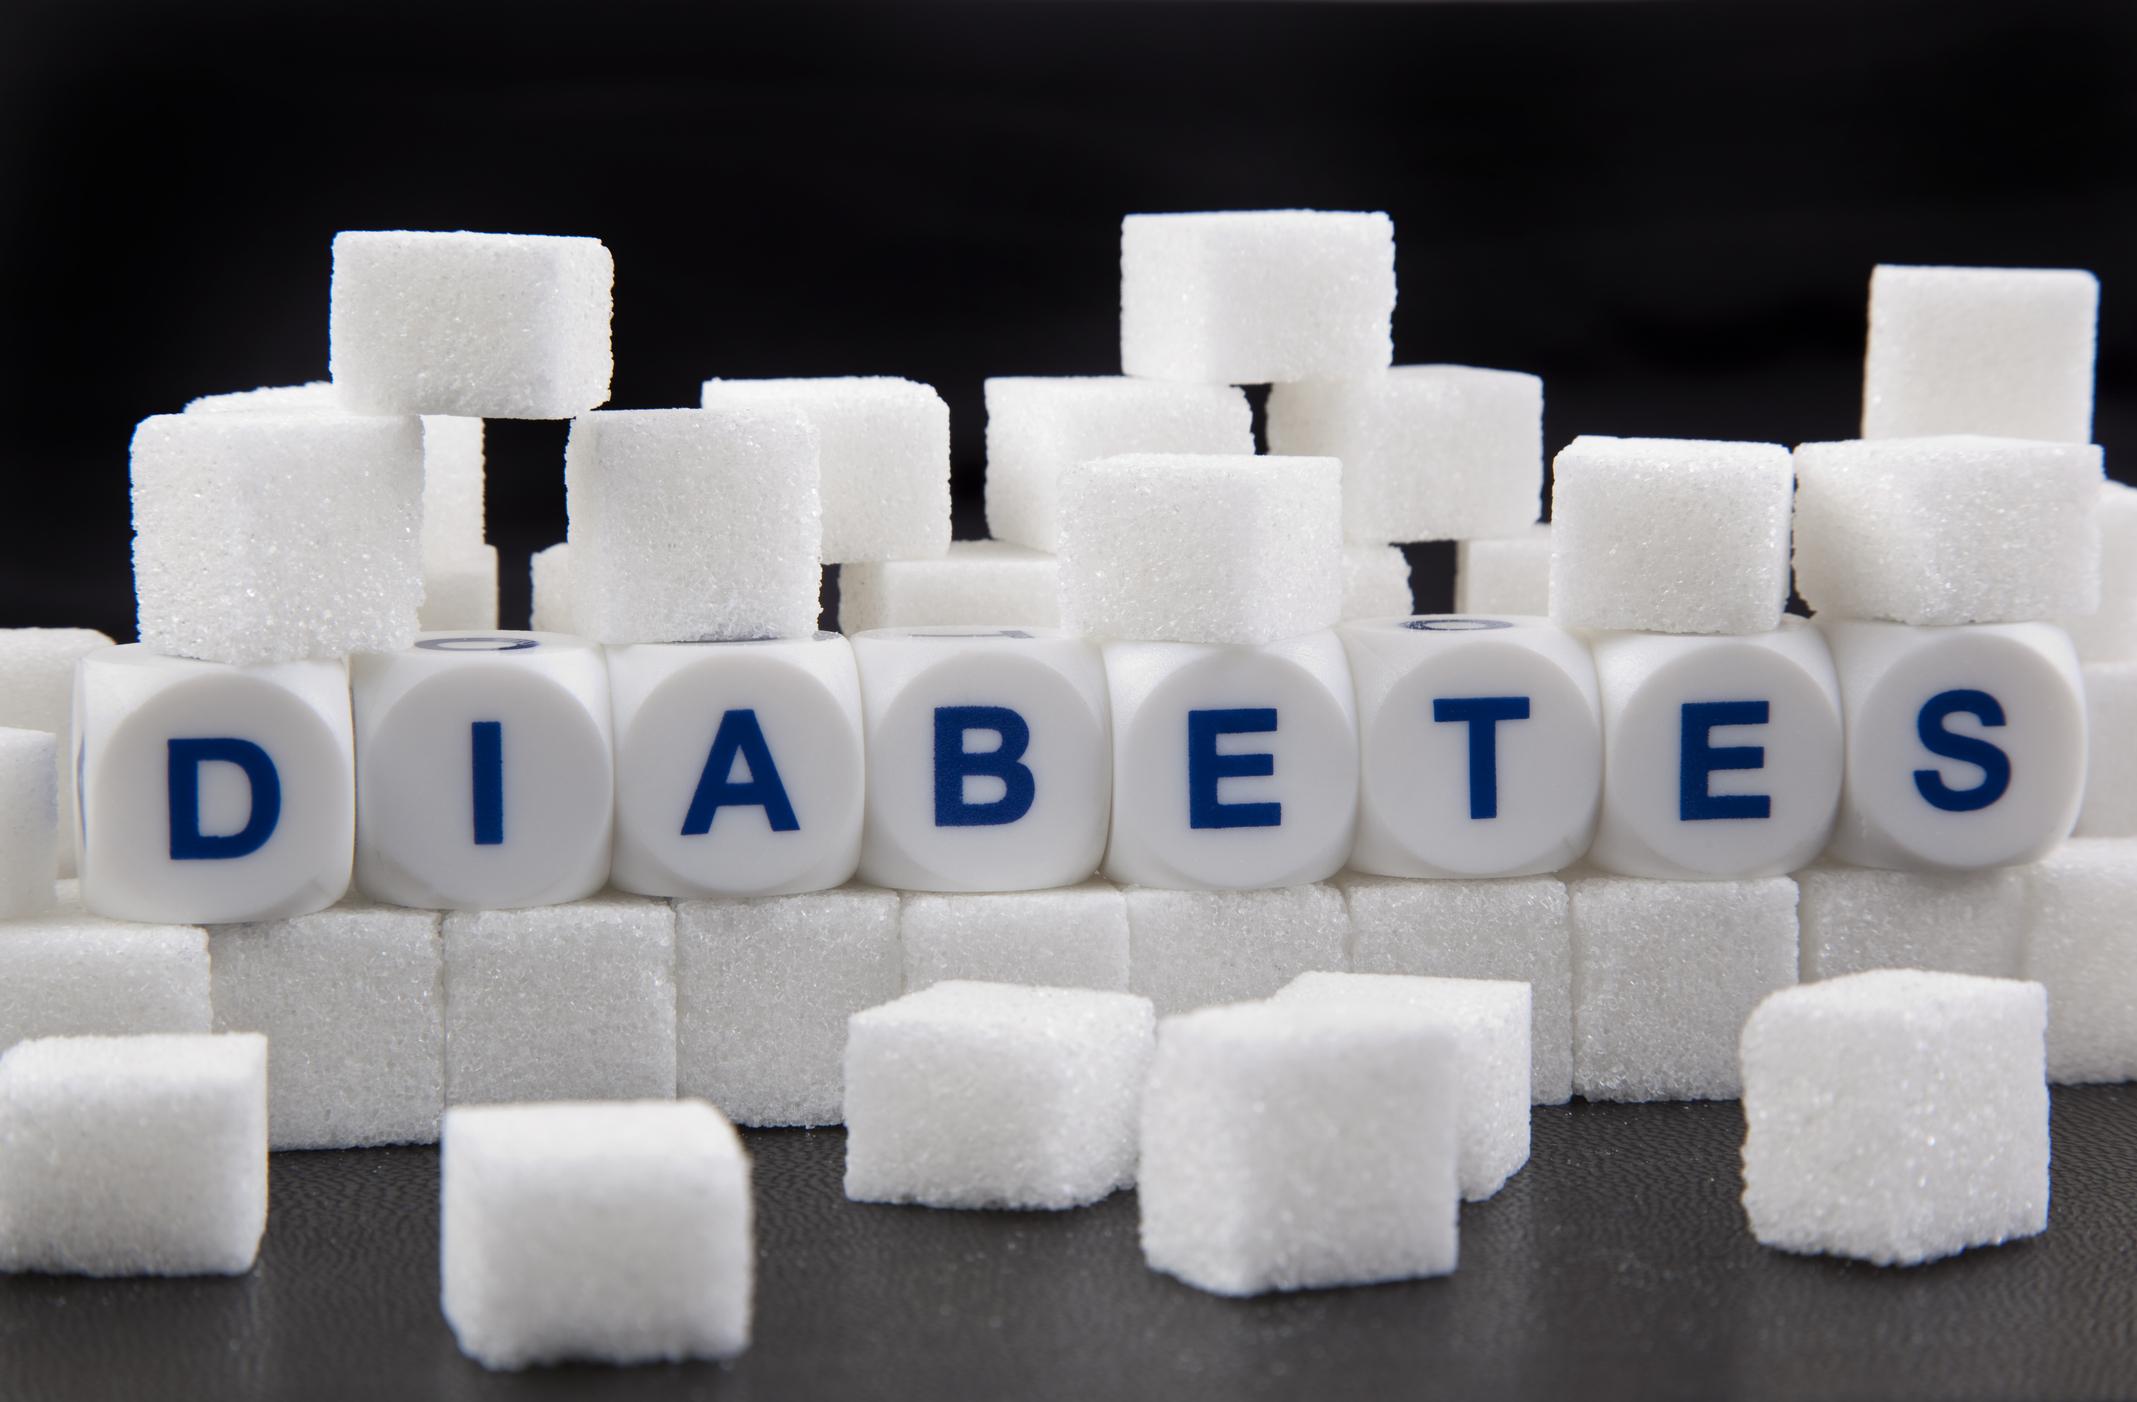 Cerca de 205 milhões de mulheres têm diabetes no mundo, alerta OMS